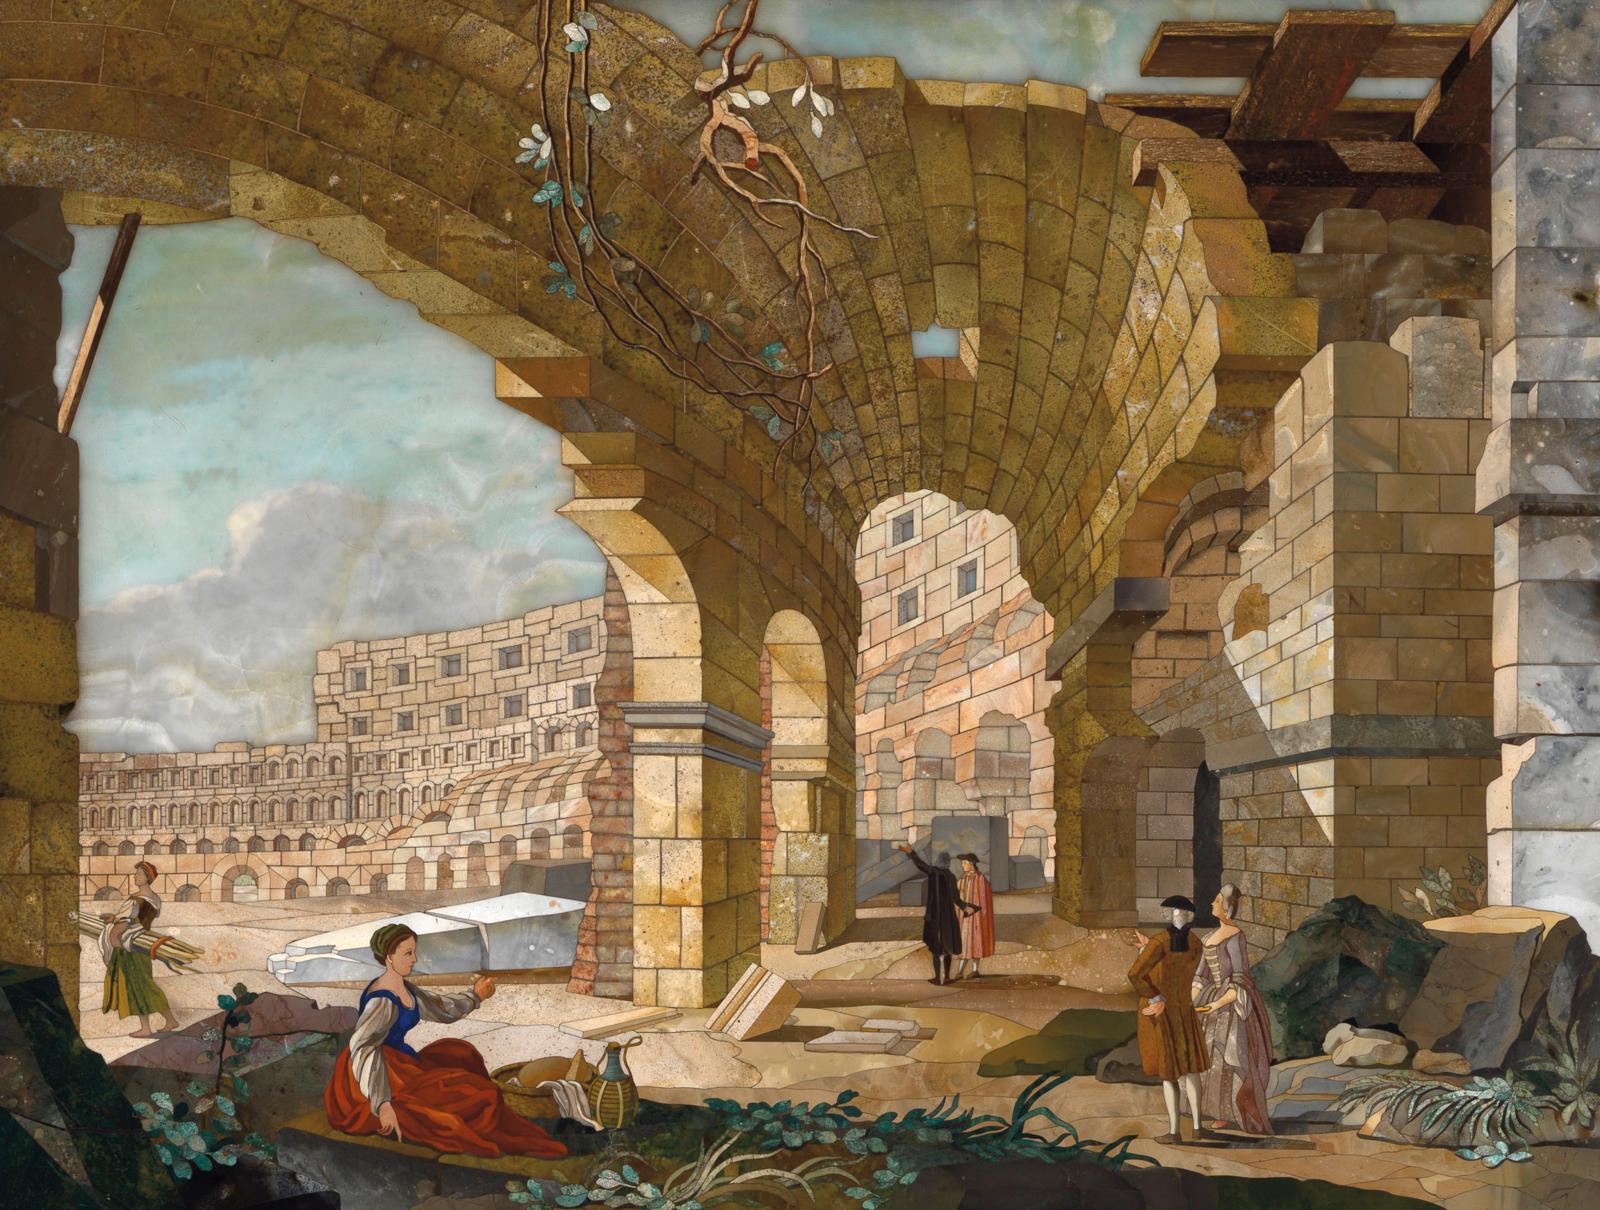 Le Colosseum, office des pierres dures, Florence, avant 1785, d'après une composition livrée par Antonio Cioci en 1775. Panneau commandé par le comte